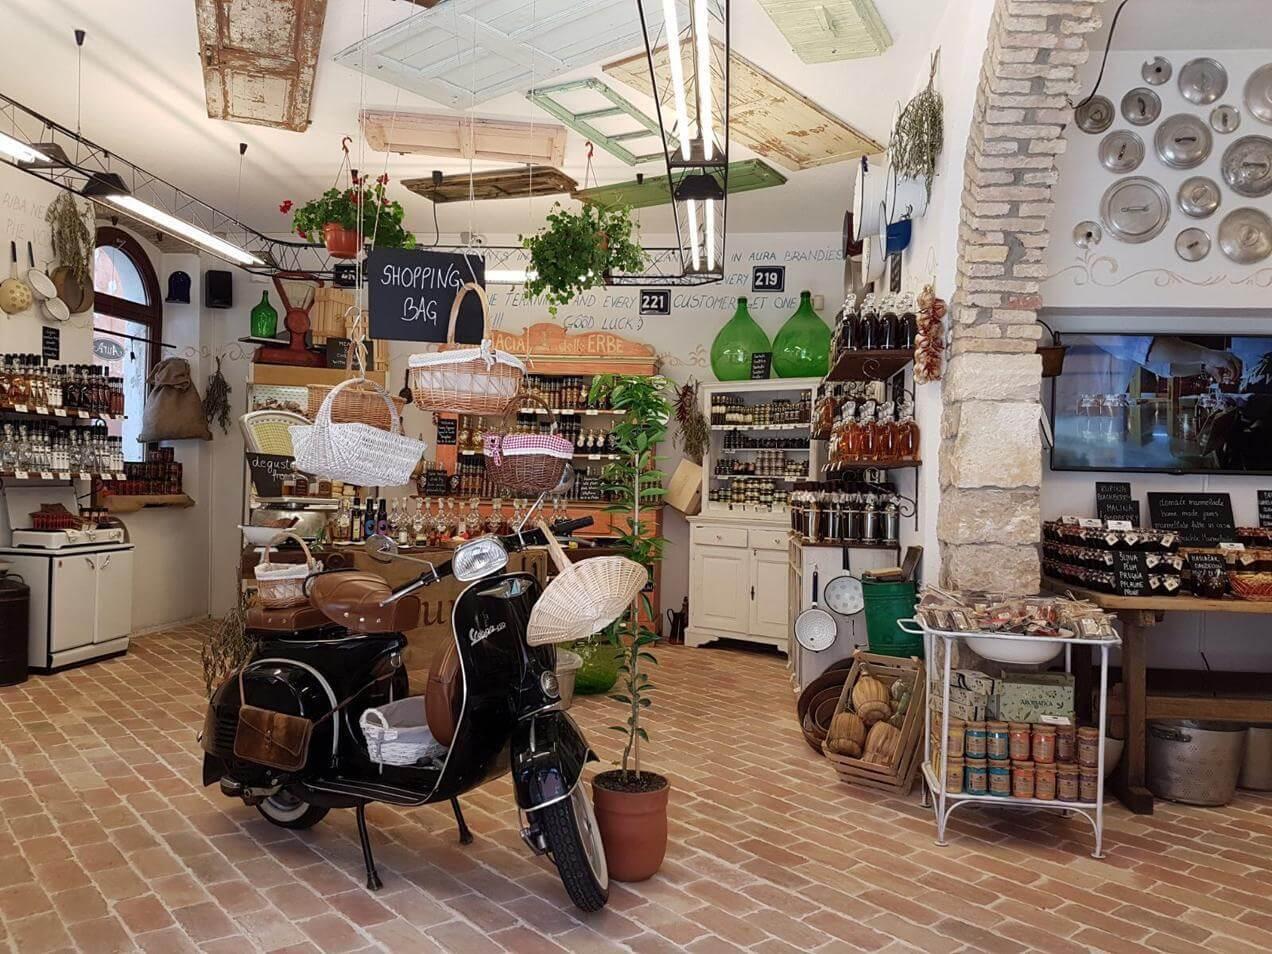 הפלגה לקרואטיה - חנות בפולה